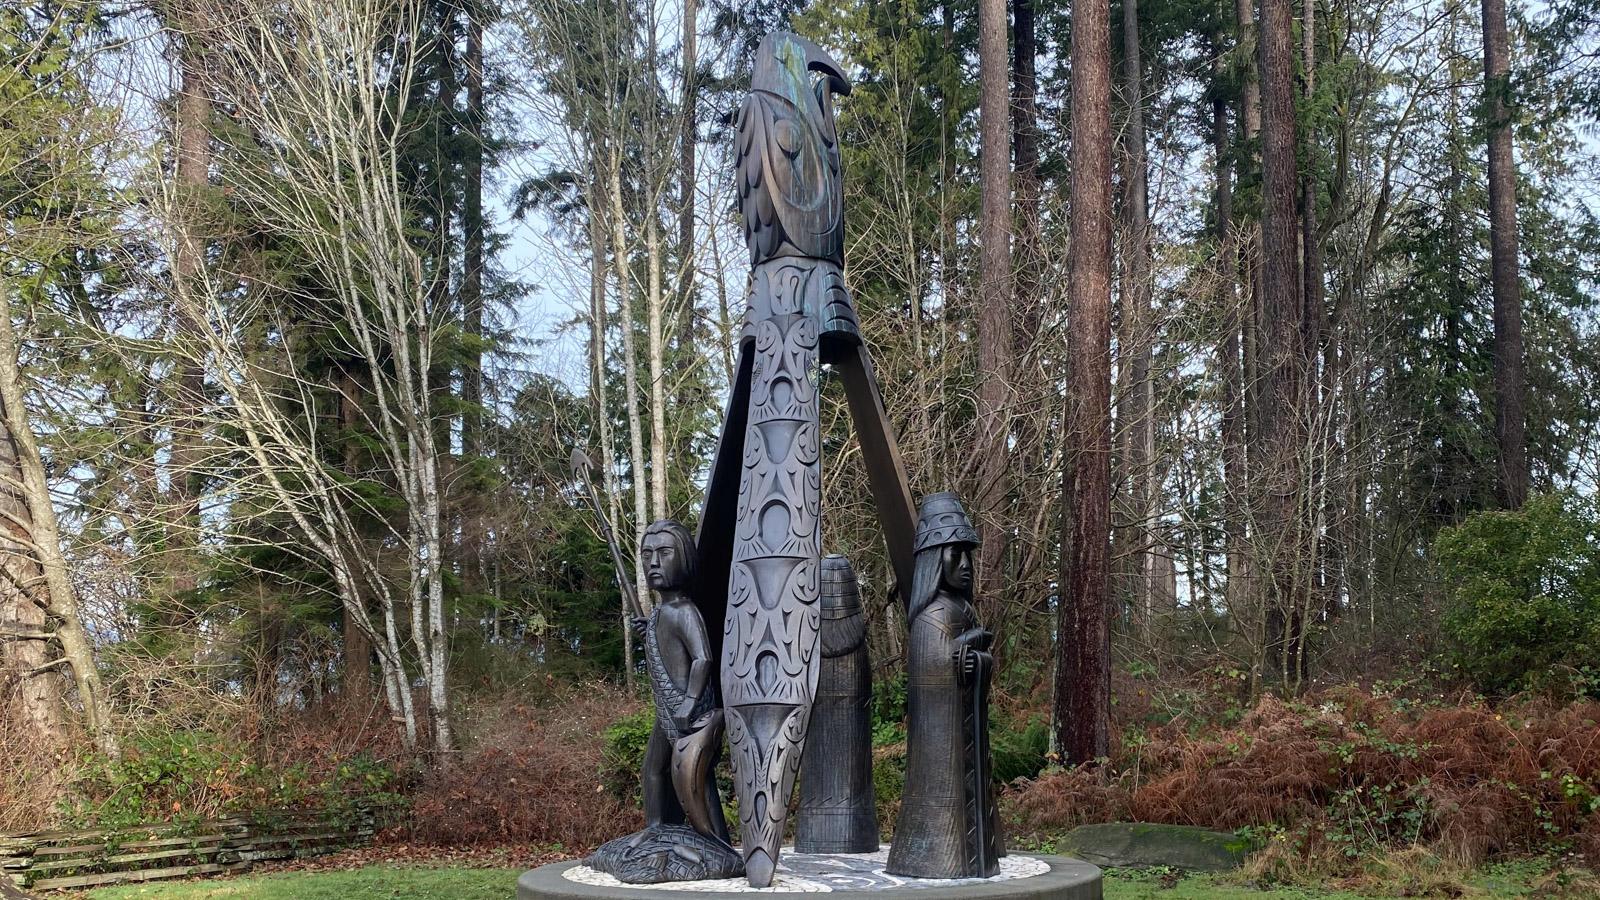 Indigenous sculpture Vancouver outdoor art